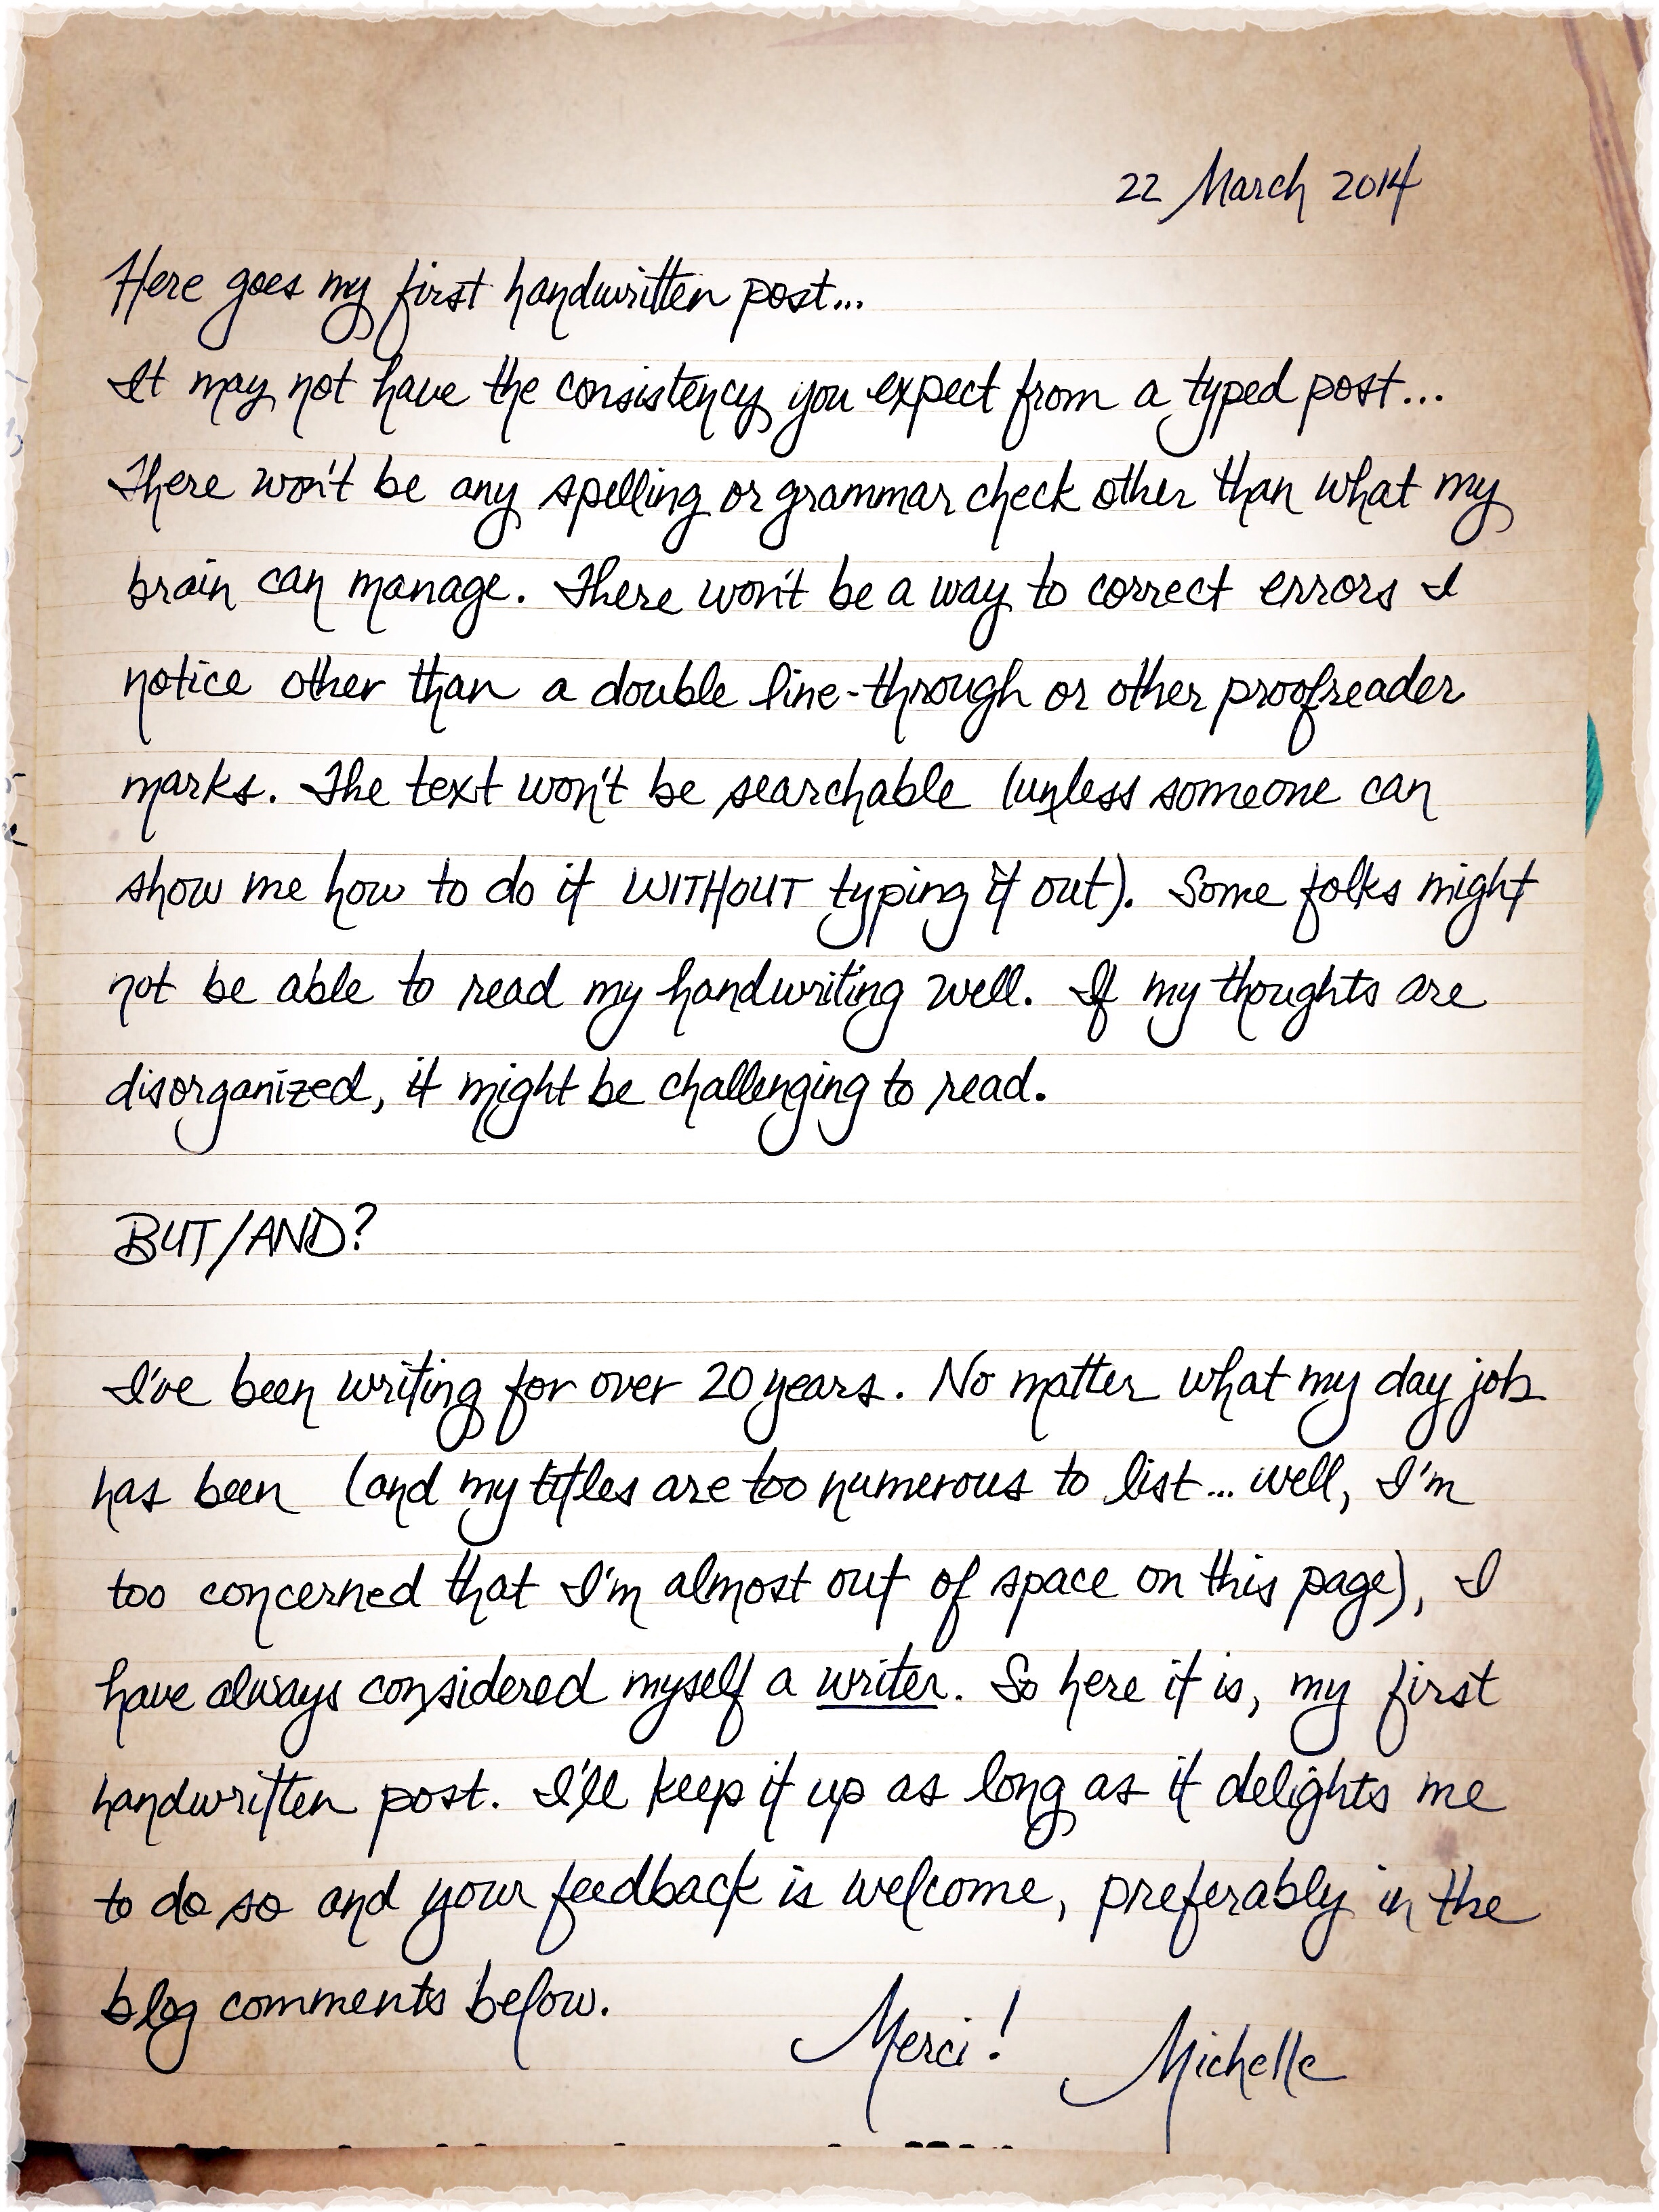 Handwritten Blog Post - Attempt #1